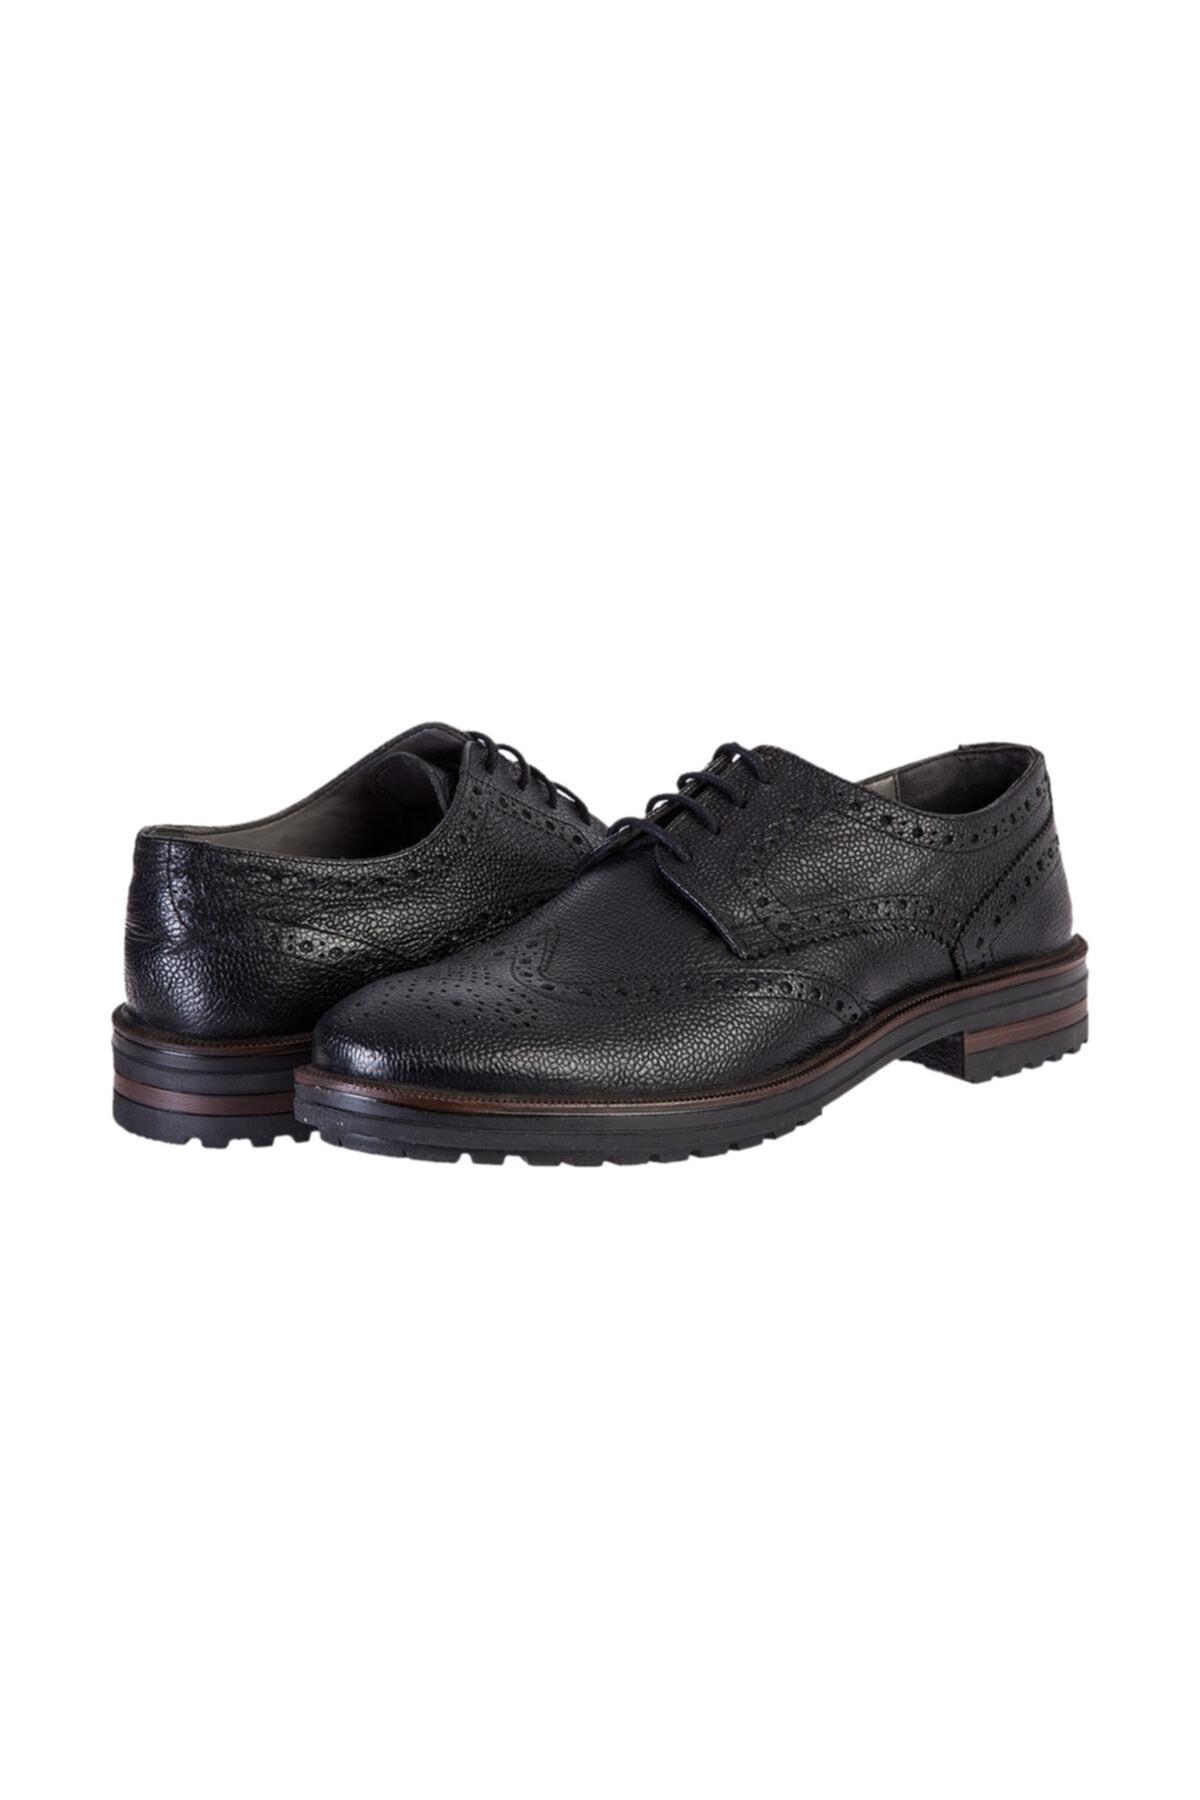 Kiğılı Bağcıklı Klasik Ayakkabı 2